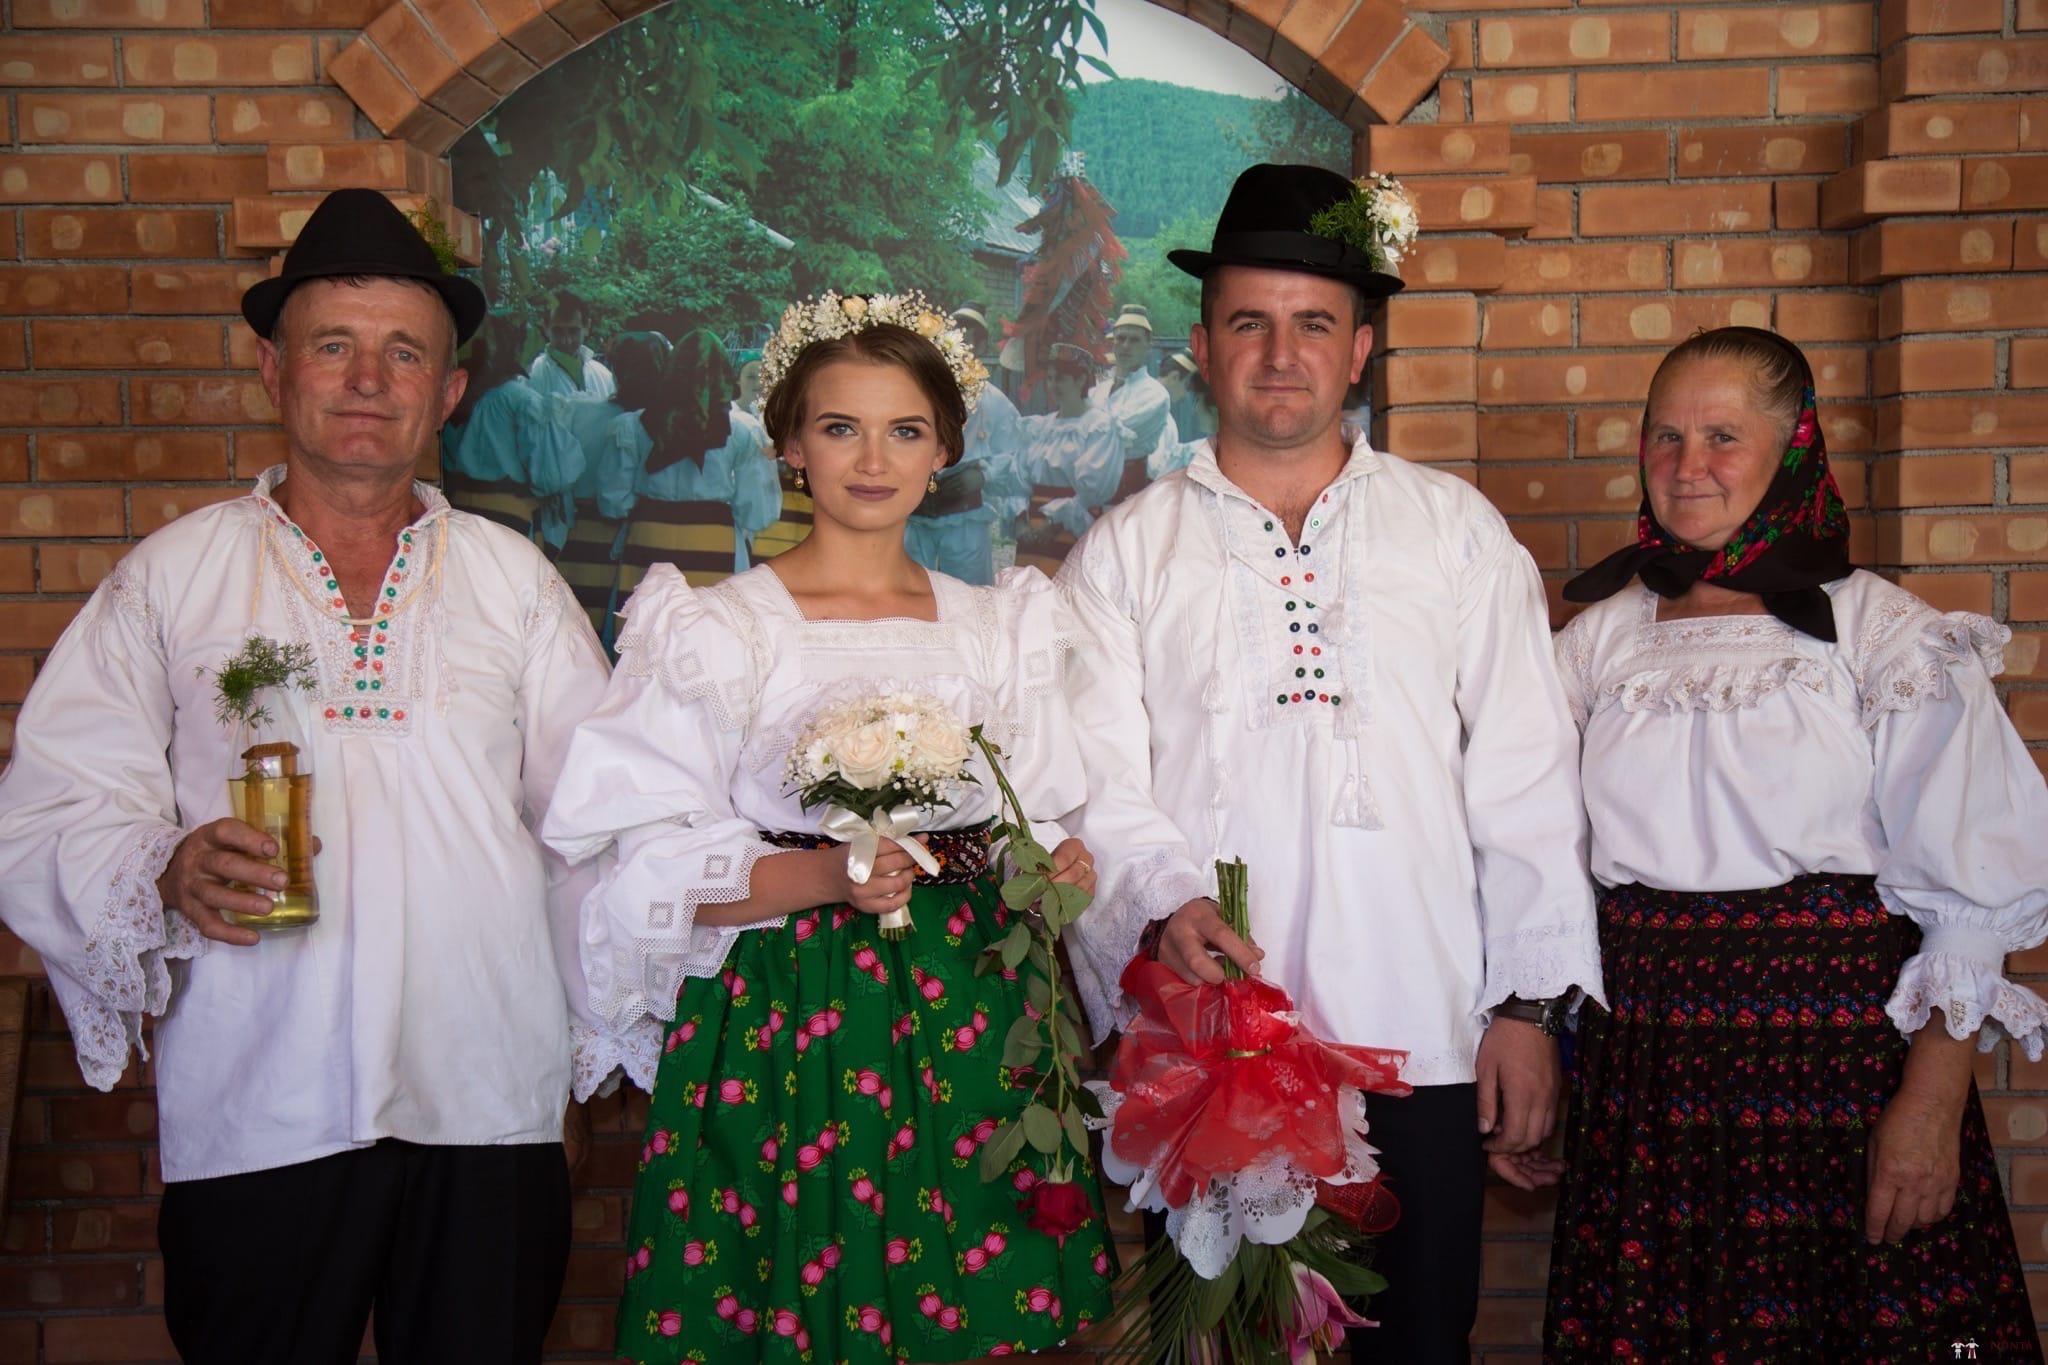 Povești Nunți Tradiționale - Ancuța și Nicu, cununie tradițională în Giulești, Maramureș 27